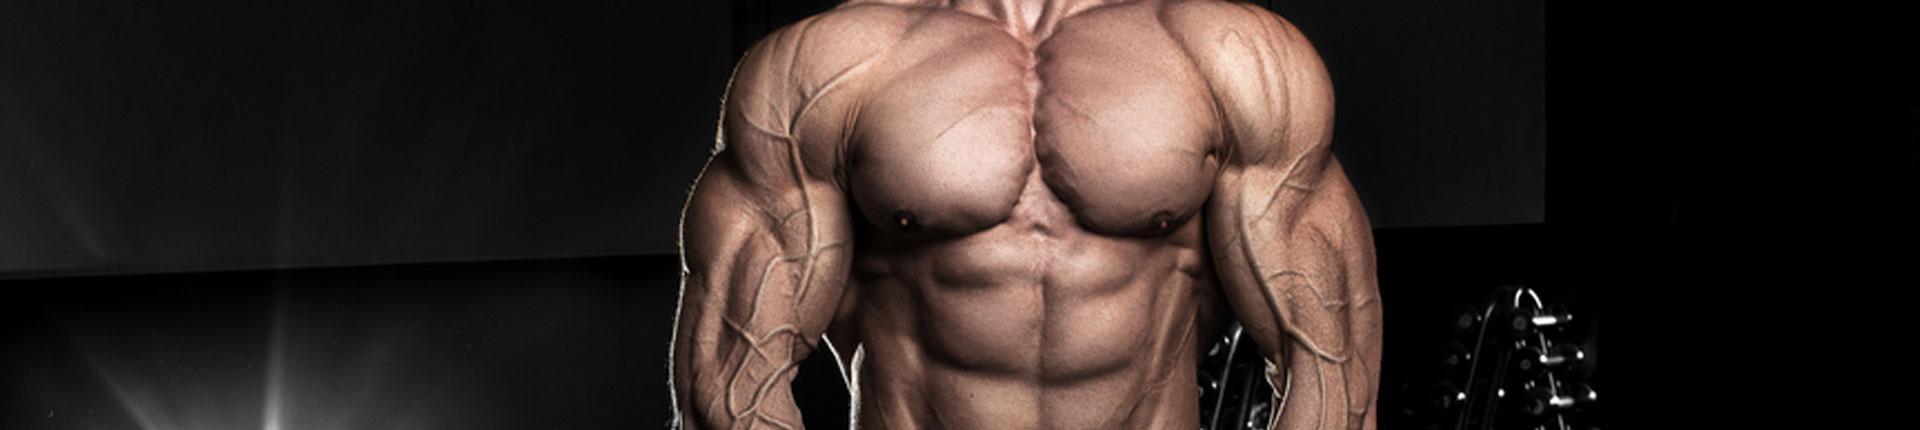 Jaki trening skutecznie zwiększa poziom hormonu wzrostu?